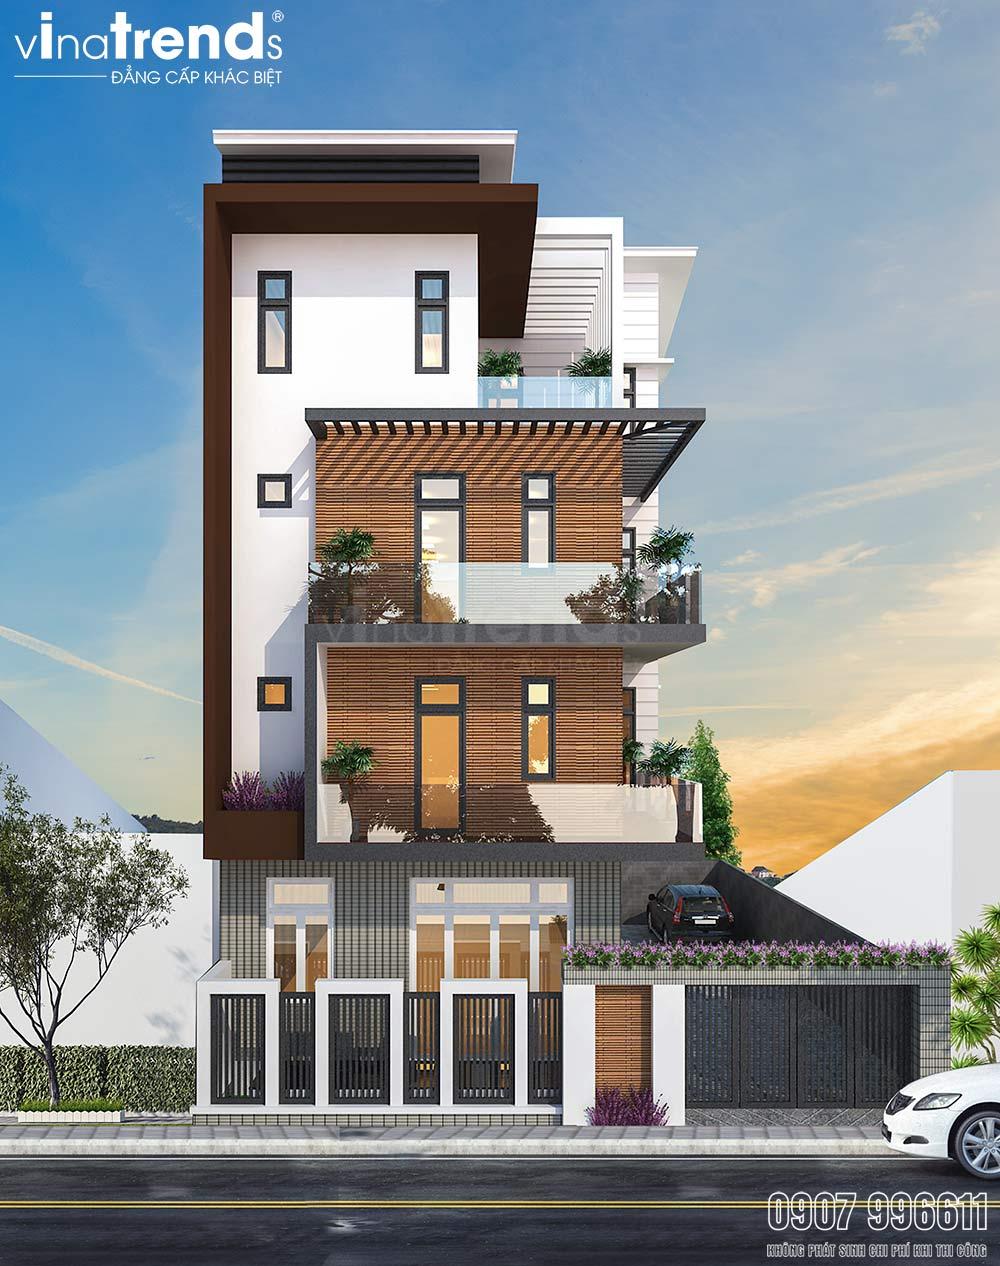 mau nha 4 tang hien dai dep co san de o to Thiết kế biệt thự 3 tầng hiện đại đẹp 10x20m có hầm ô tô khang trang ở Hà Tĩnh